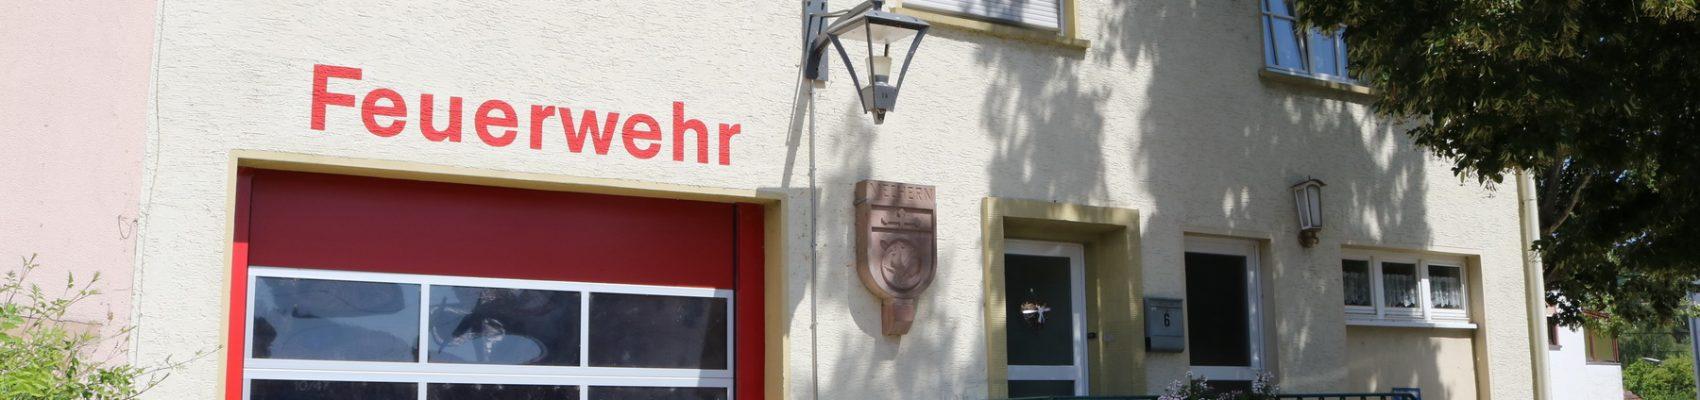 Feuerwehr Gerätehaus Hilbringen